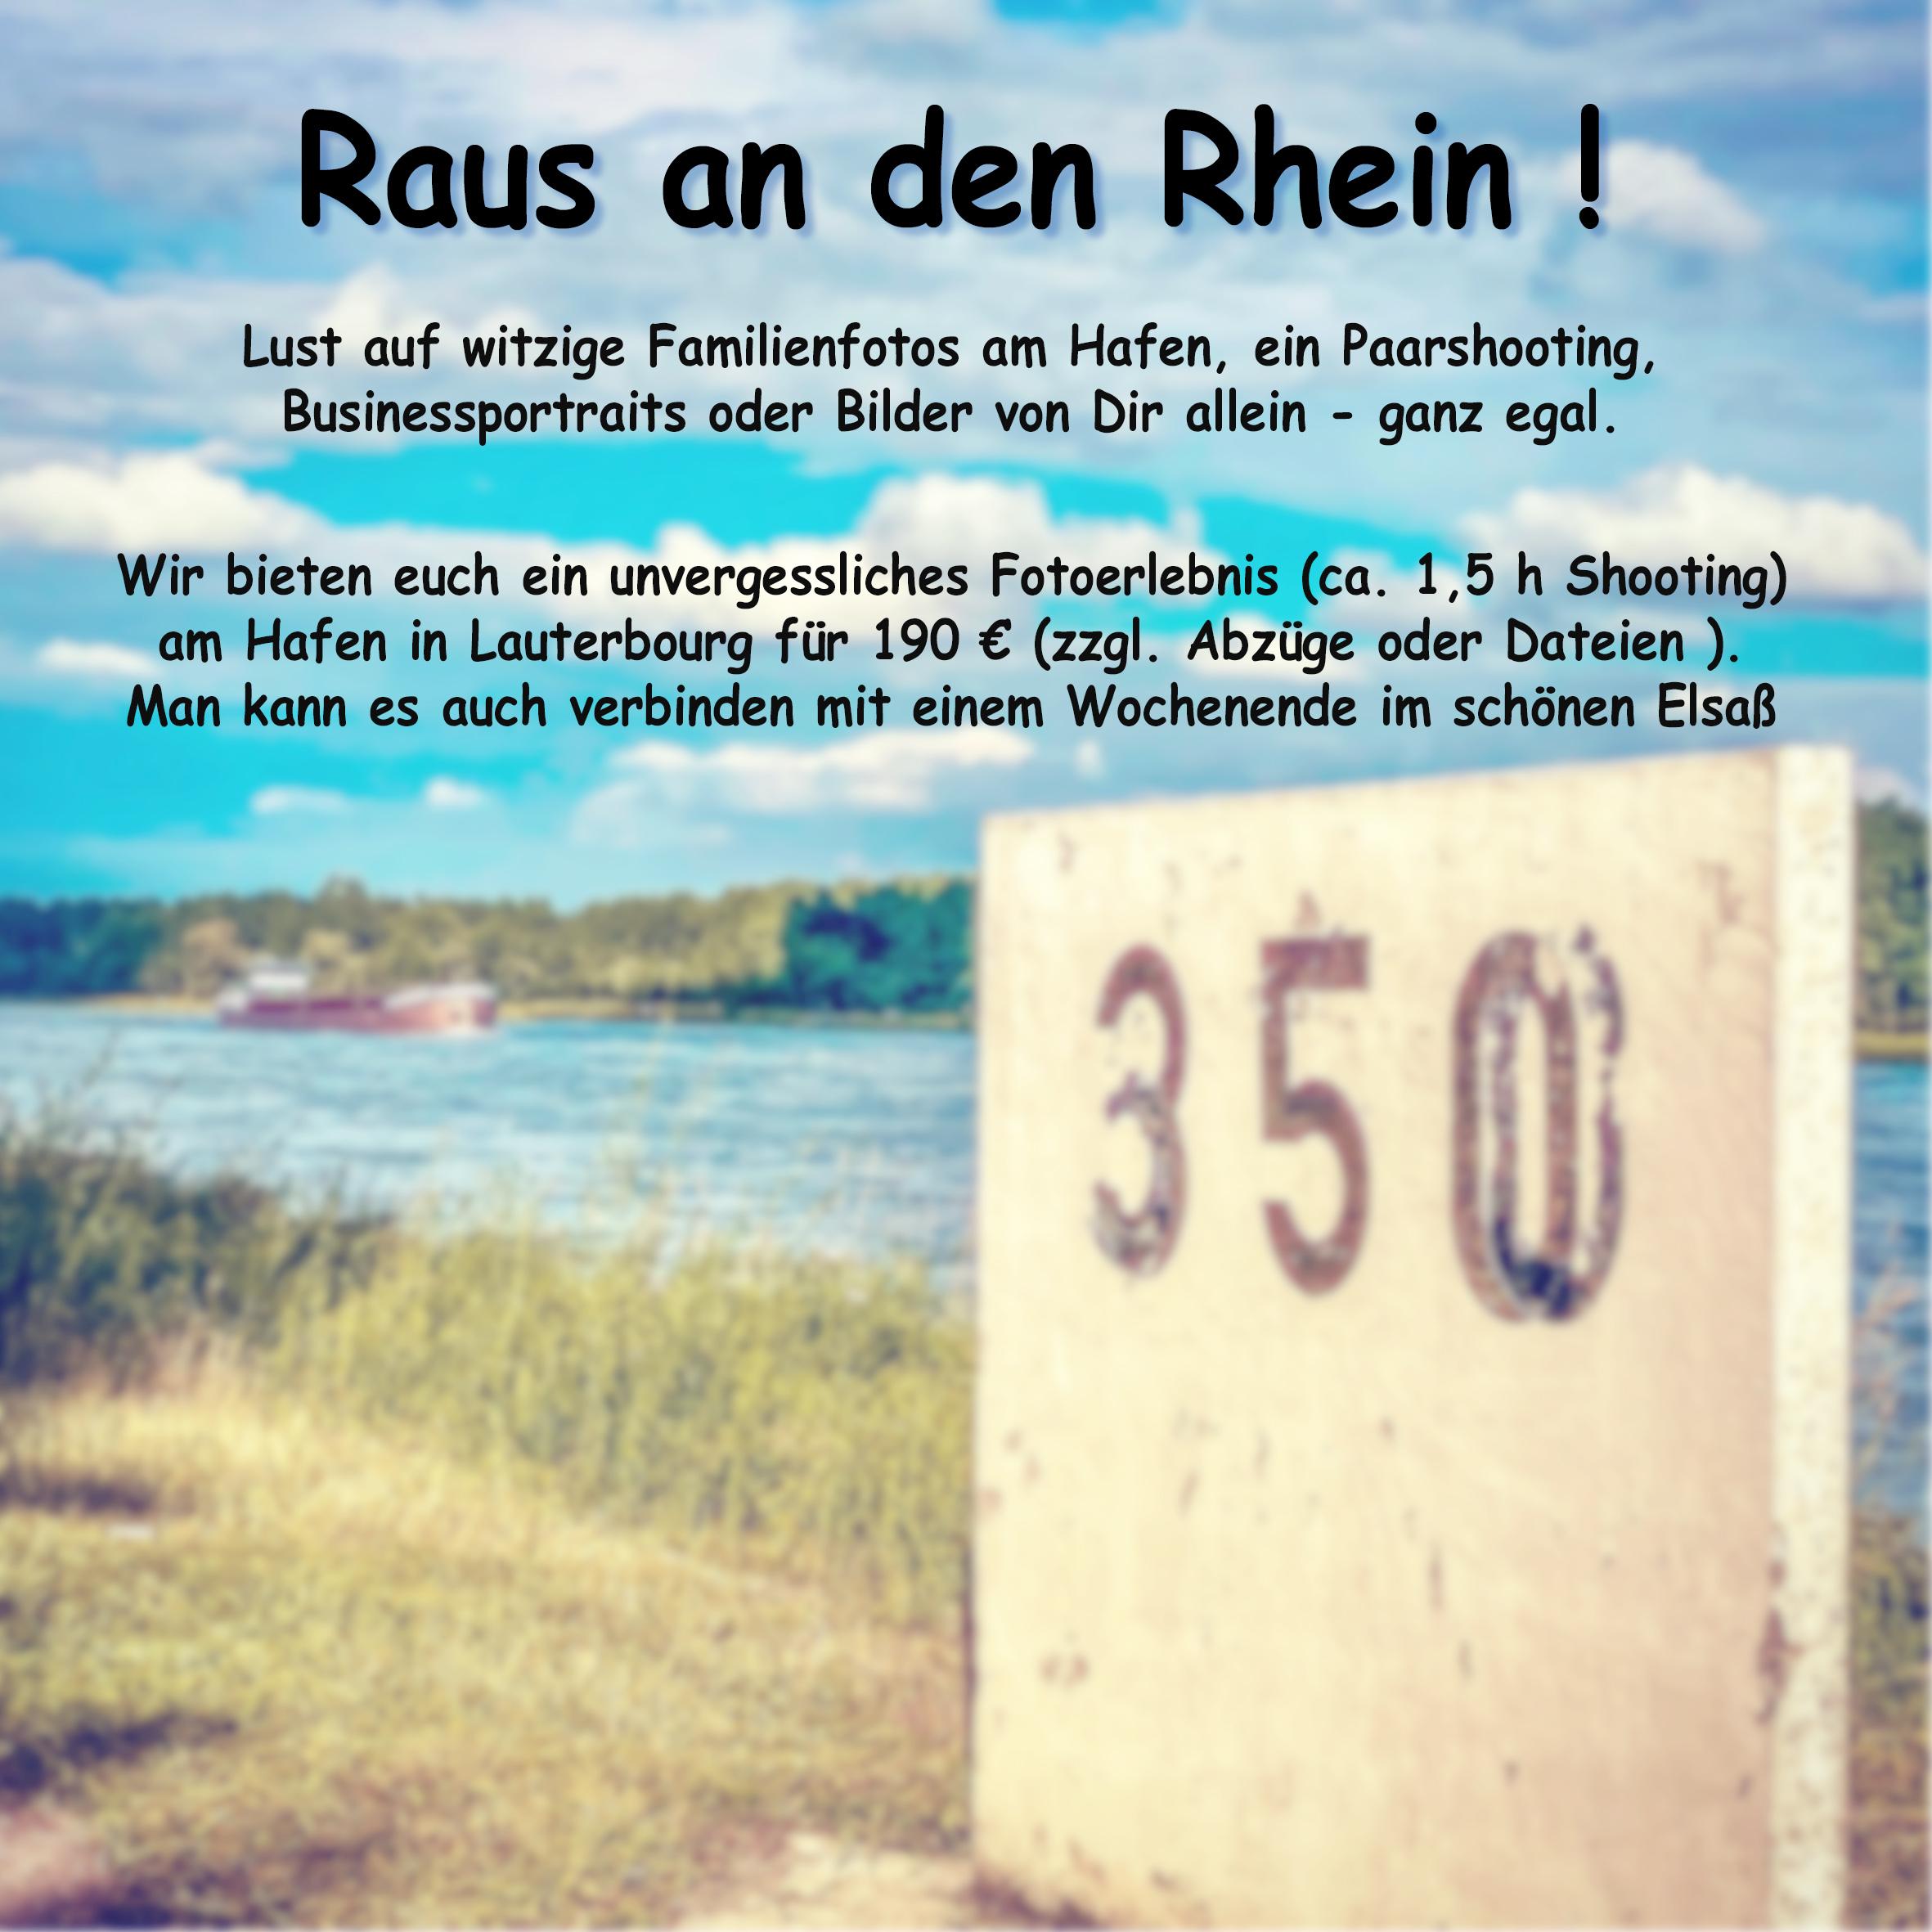 Raus an den Rhein_ Text